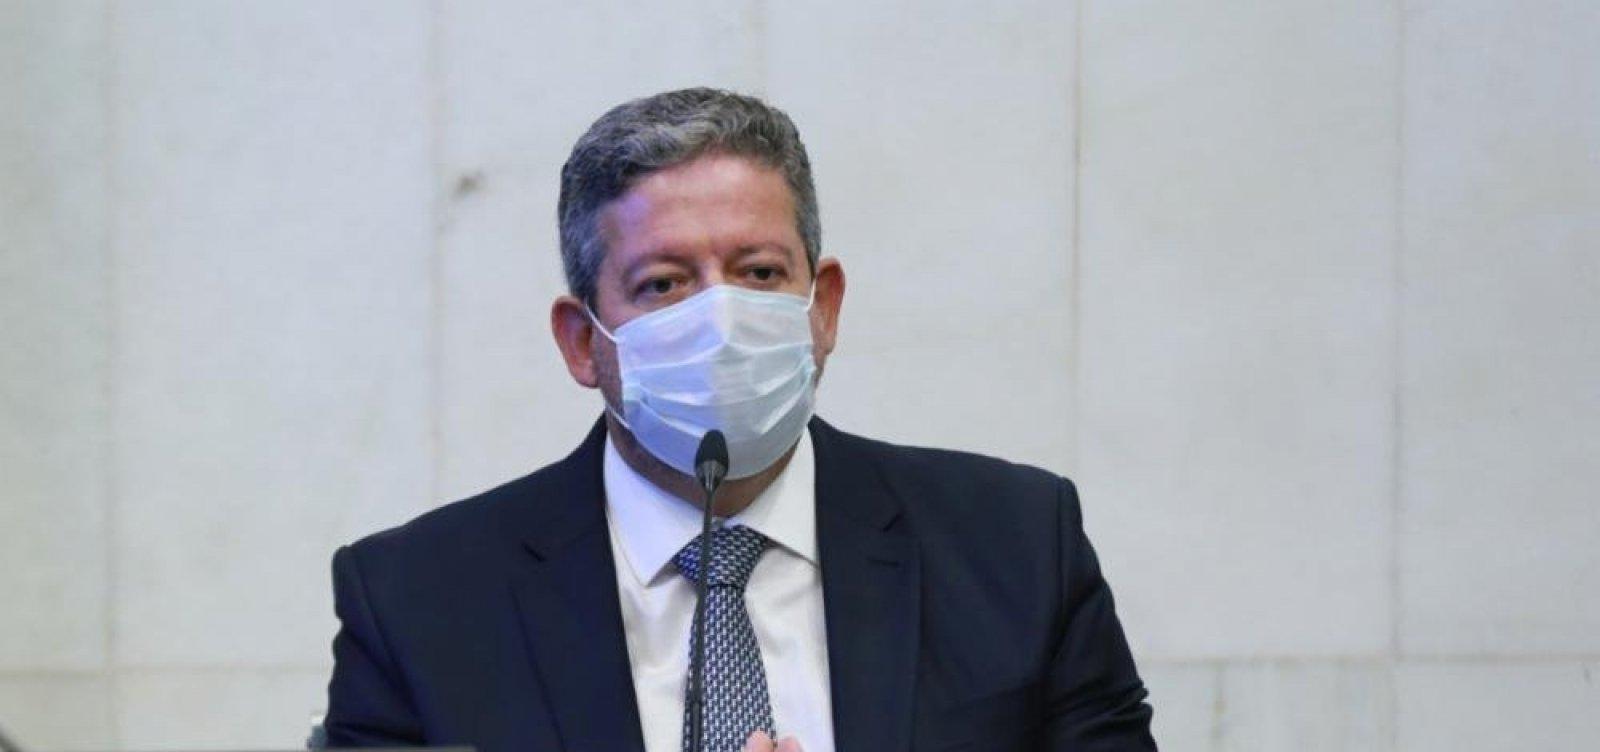 Presidente da Câmara responsabiliza Senado e governo Bolsonaro por crise com Auxílio Brasil